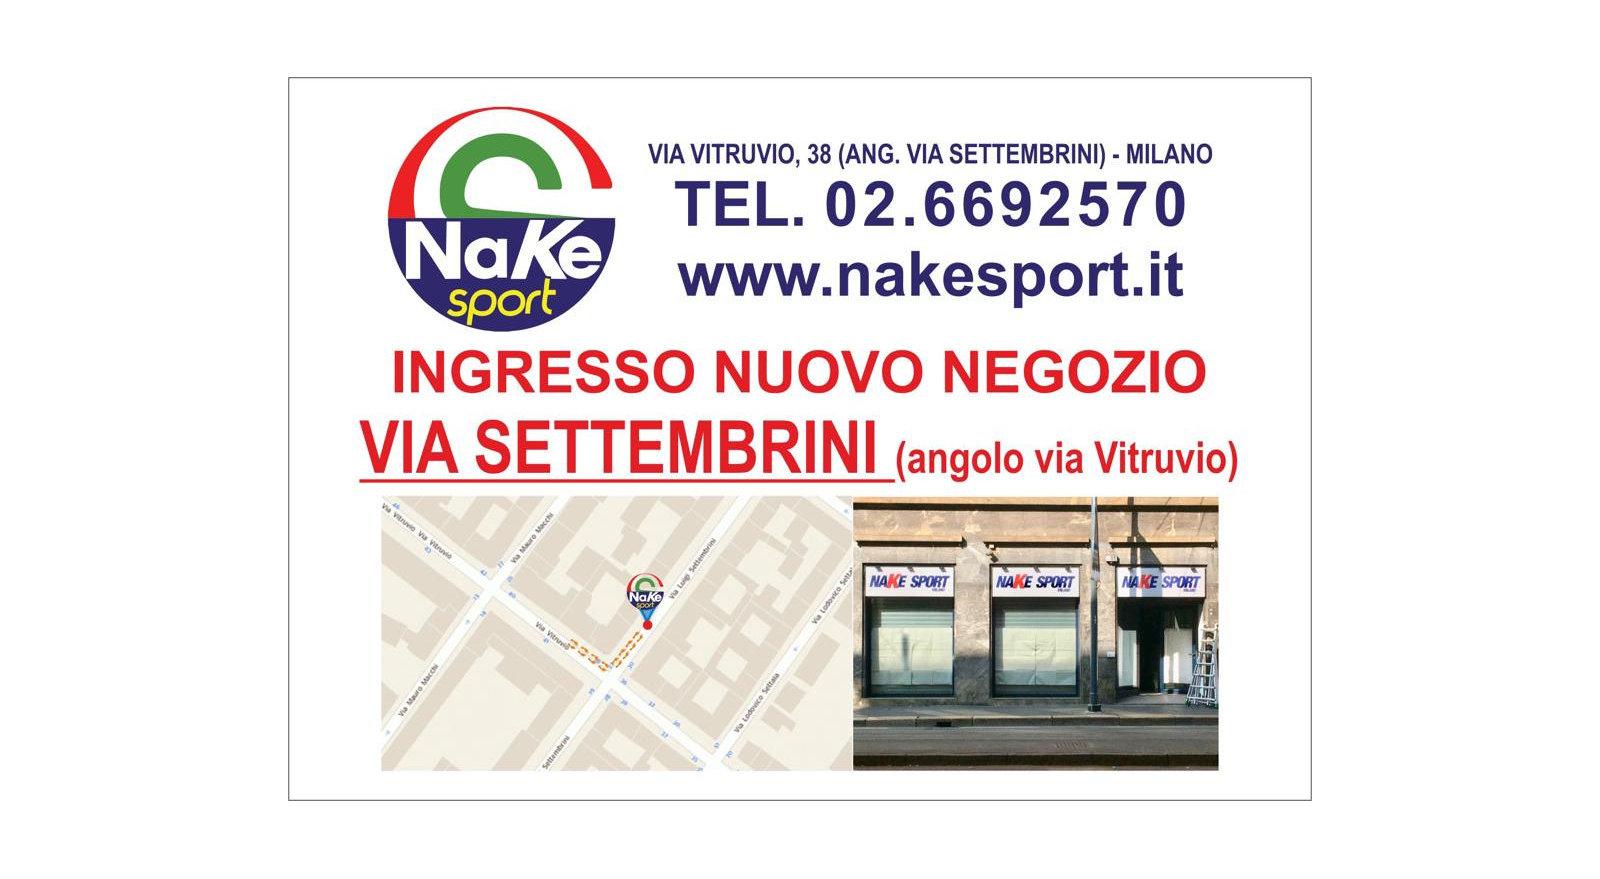 8bfab4e58 NaKe Sport - negozio di articoli sportivi